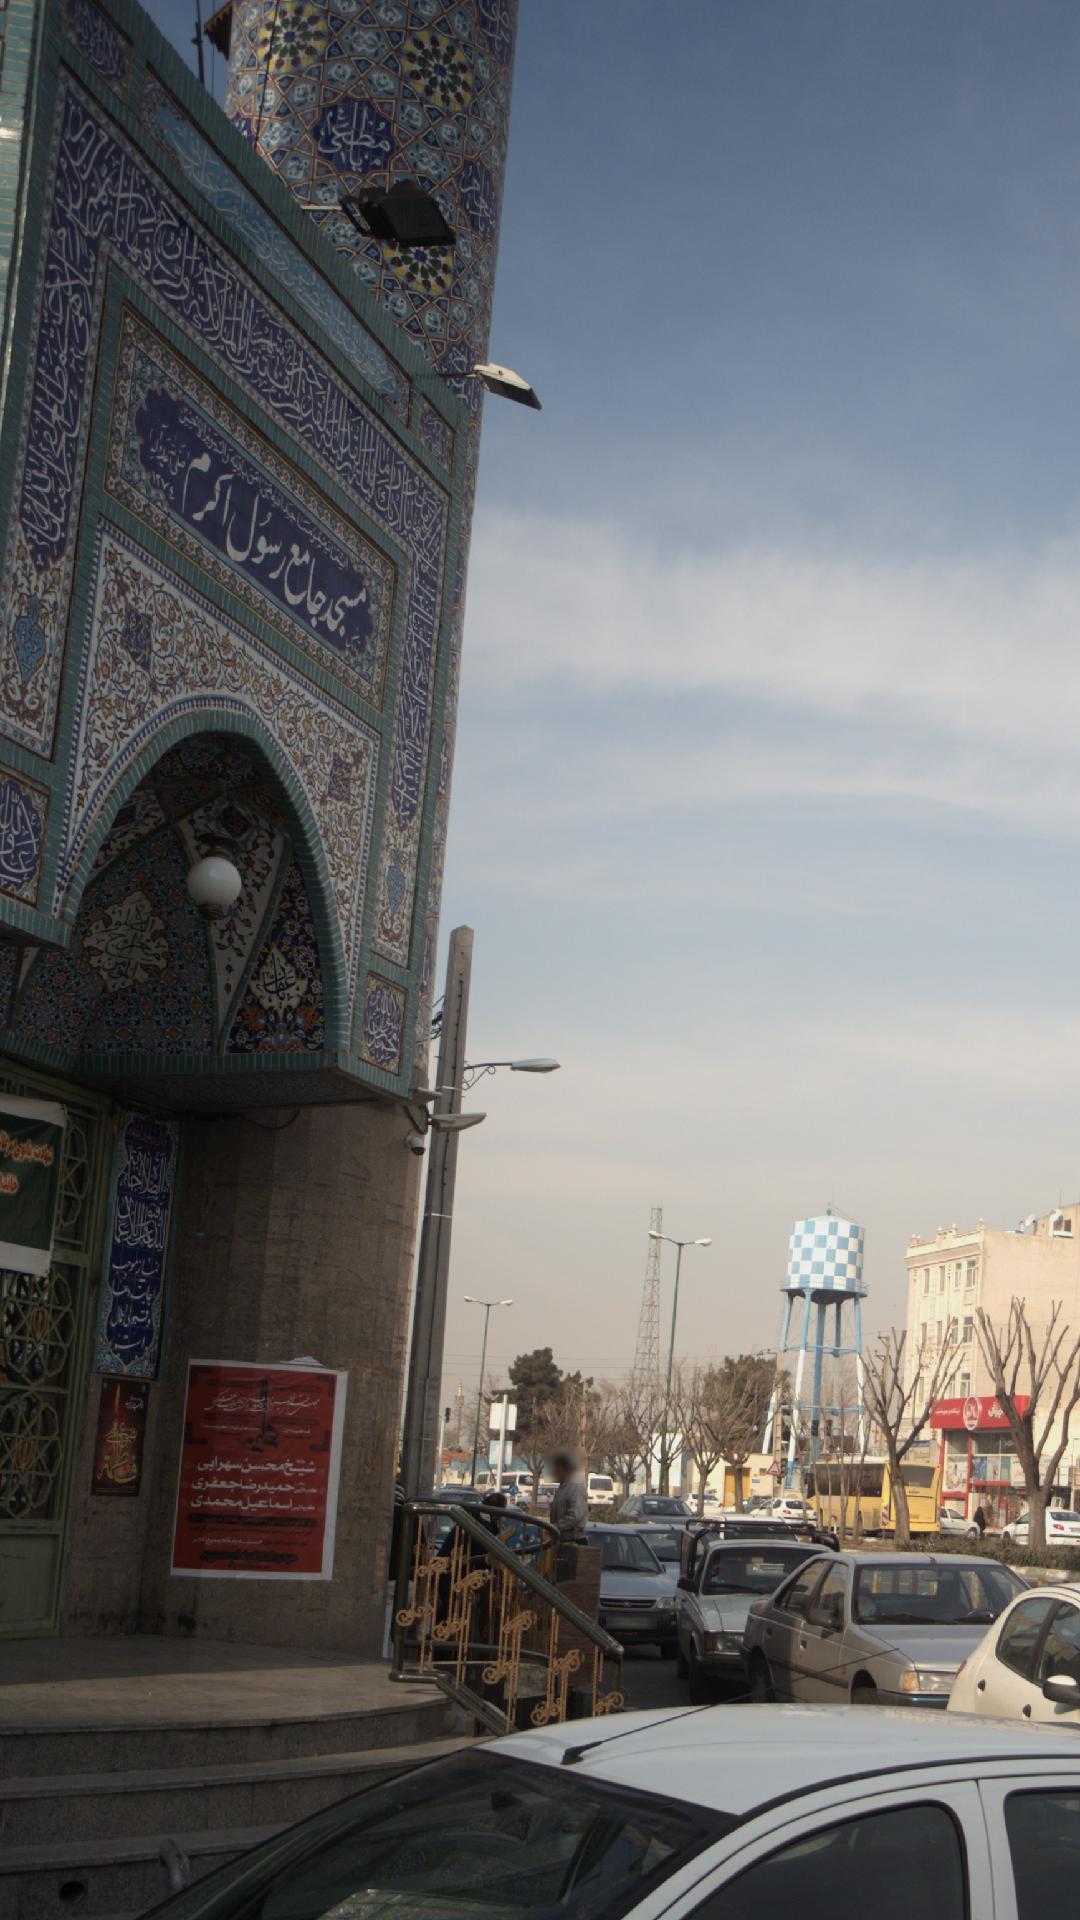 مسجد جامع رسول اکرم